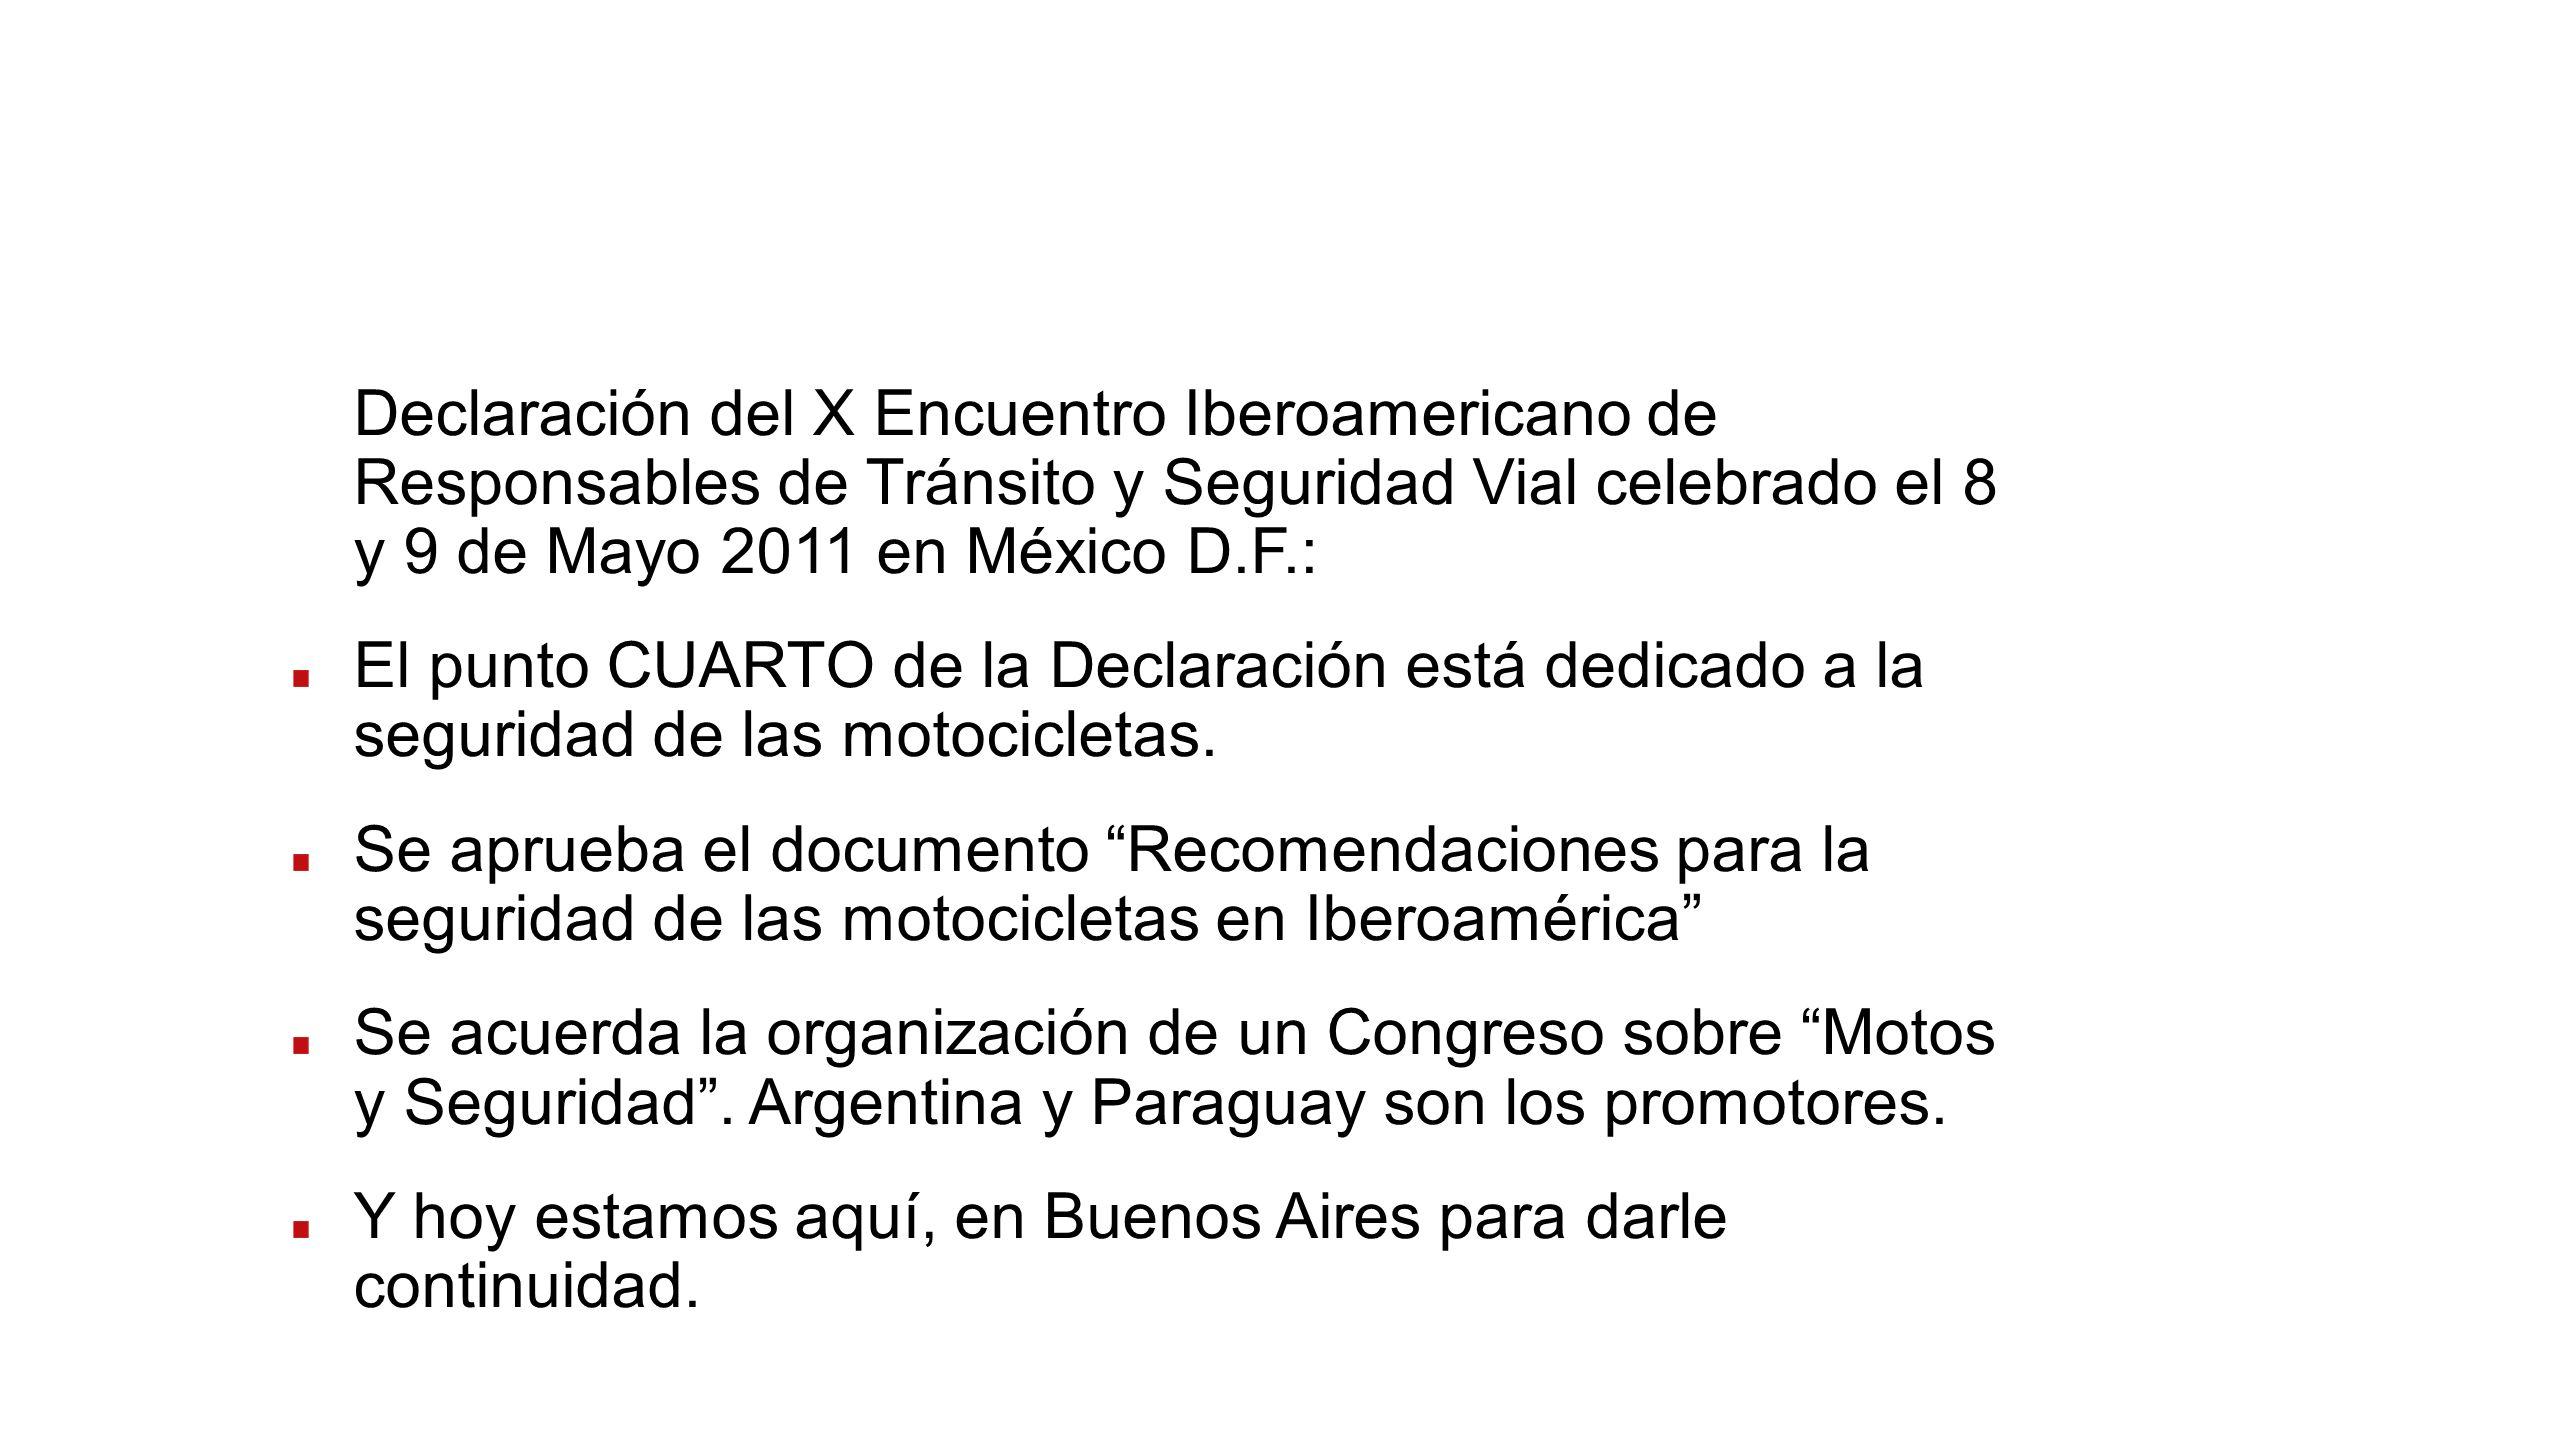 Declaración del X Encuentro Iberoamericano de Responsables de Tránsito y Seguridad Vial celebrado el 8 y 9 de Mayo 2011 en México D.F.: